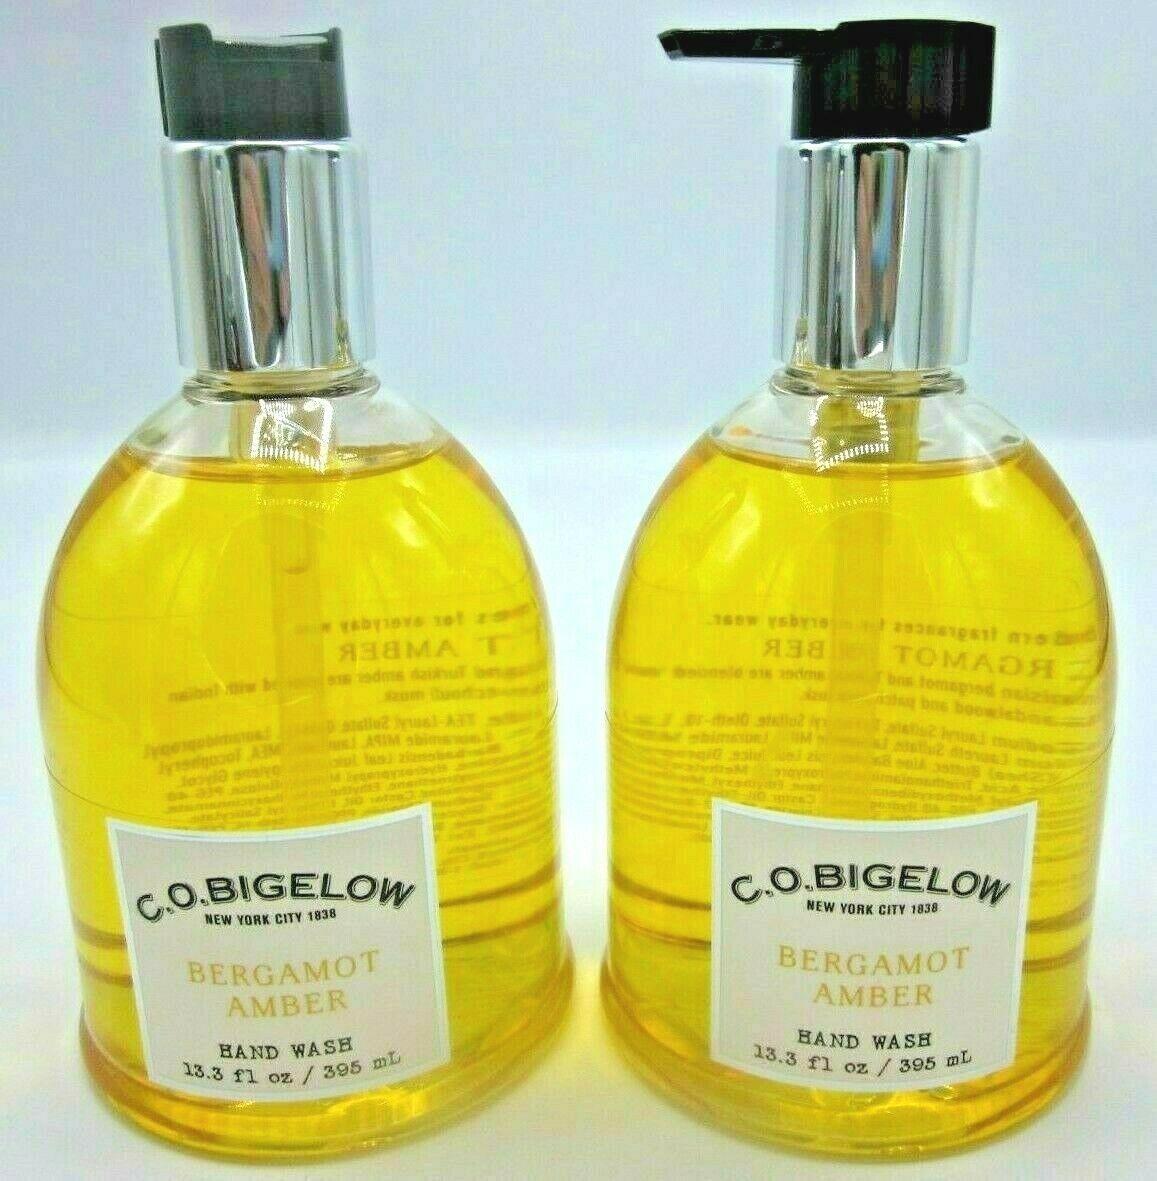 2 Bath & Body Works CO Bigelow Hand Wash Soap 13.3 oz patchouli  Bergamot Amber